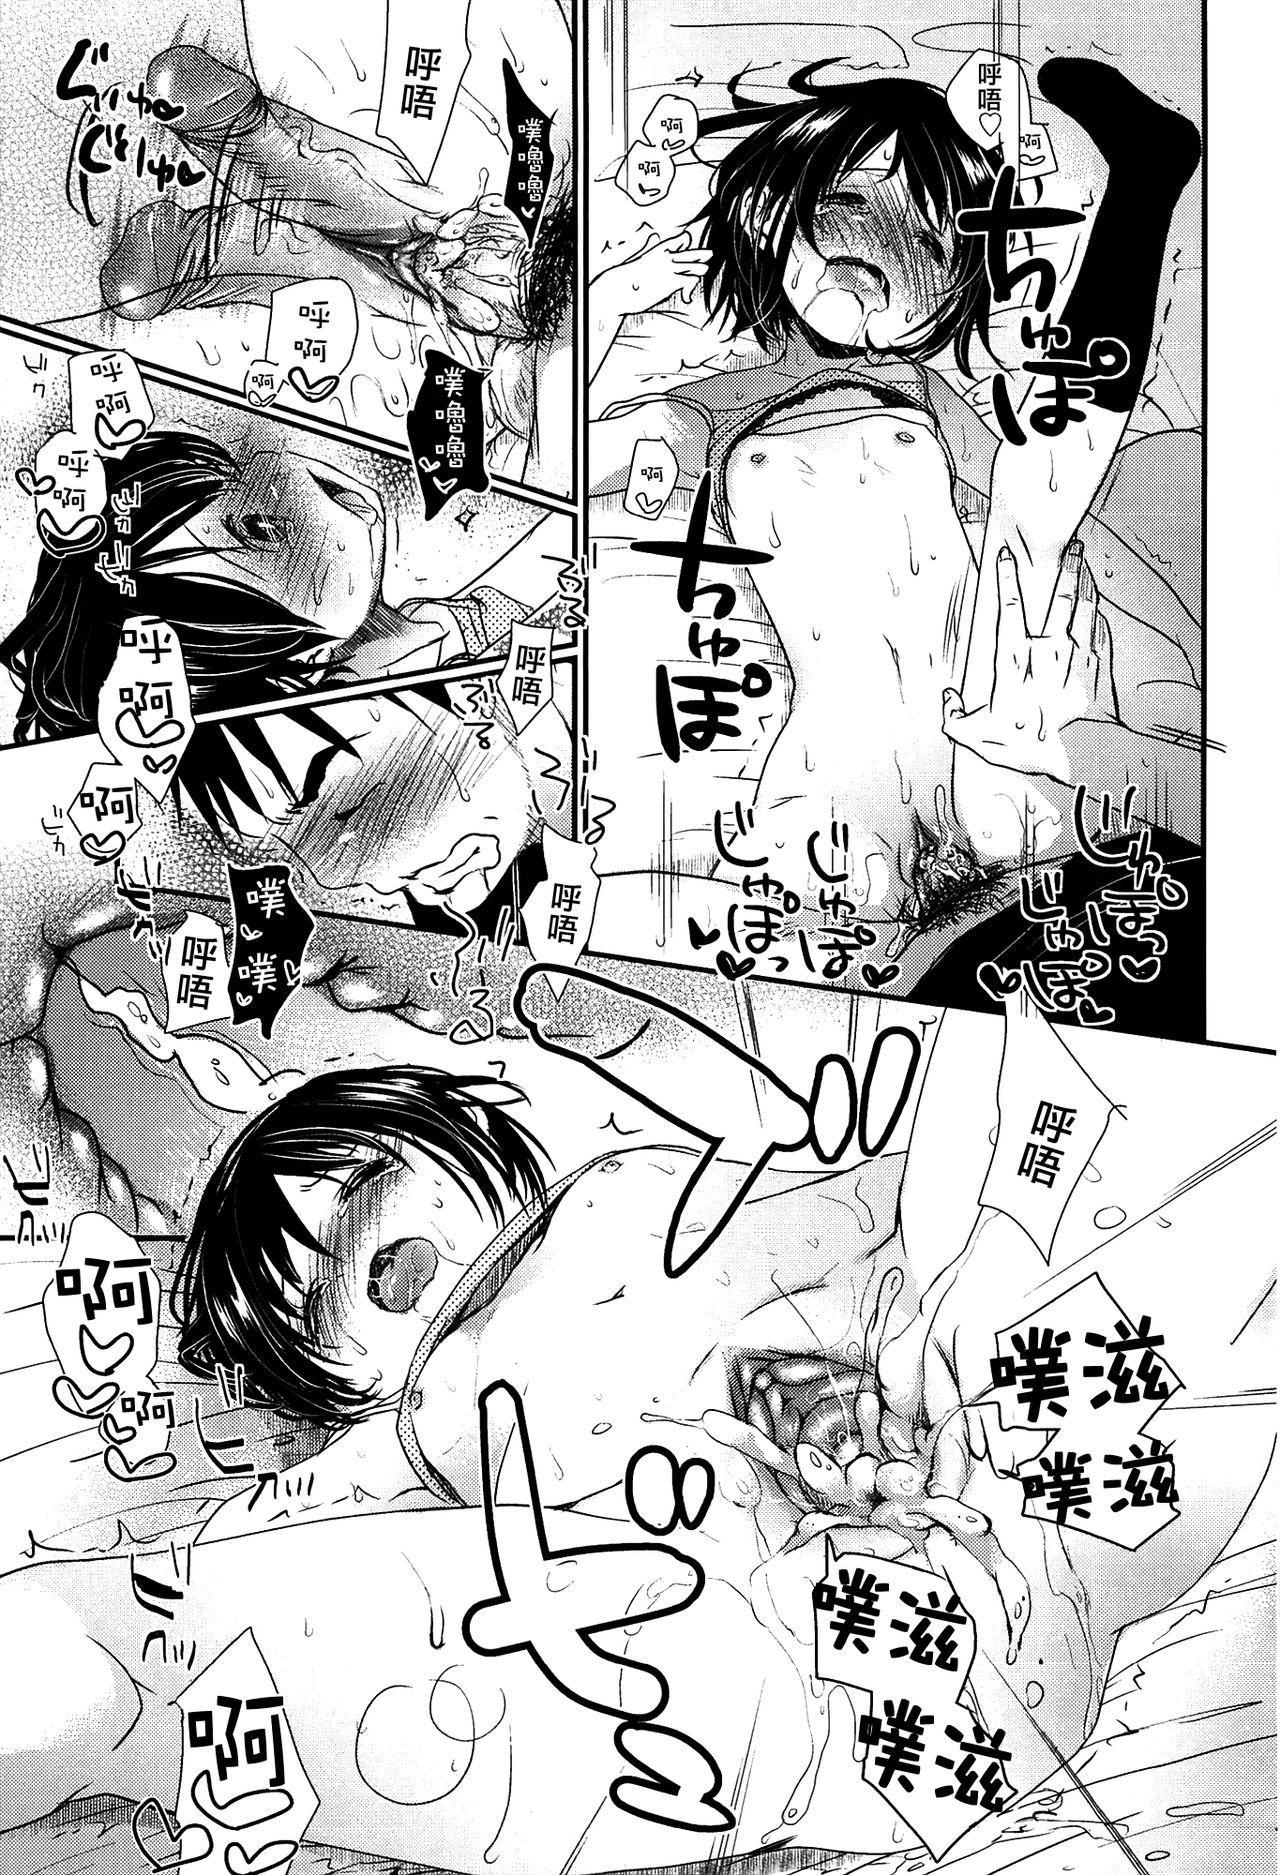 Sensei to, Watashi to. Jou 152